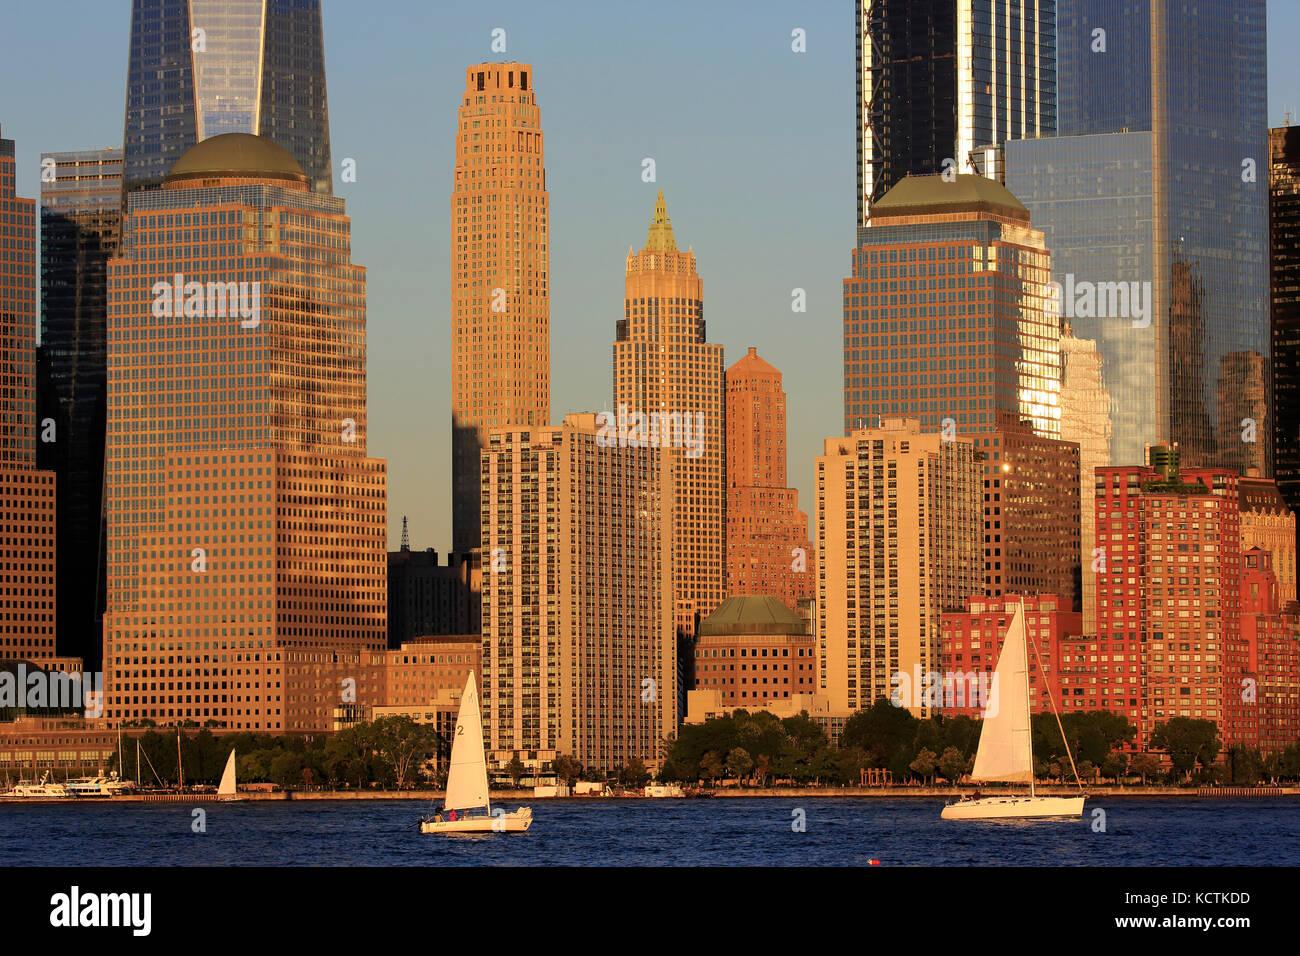 Perfil de Manhattan, el distrito financiero de veleros en el río Hudson en primer plano bajo la luz del sol Imagen De Stock